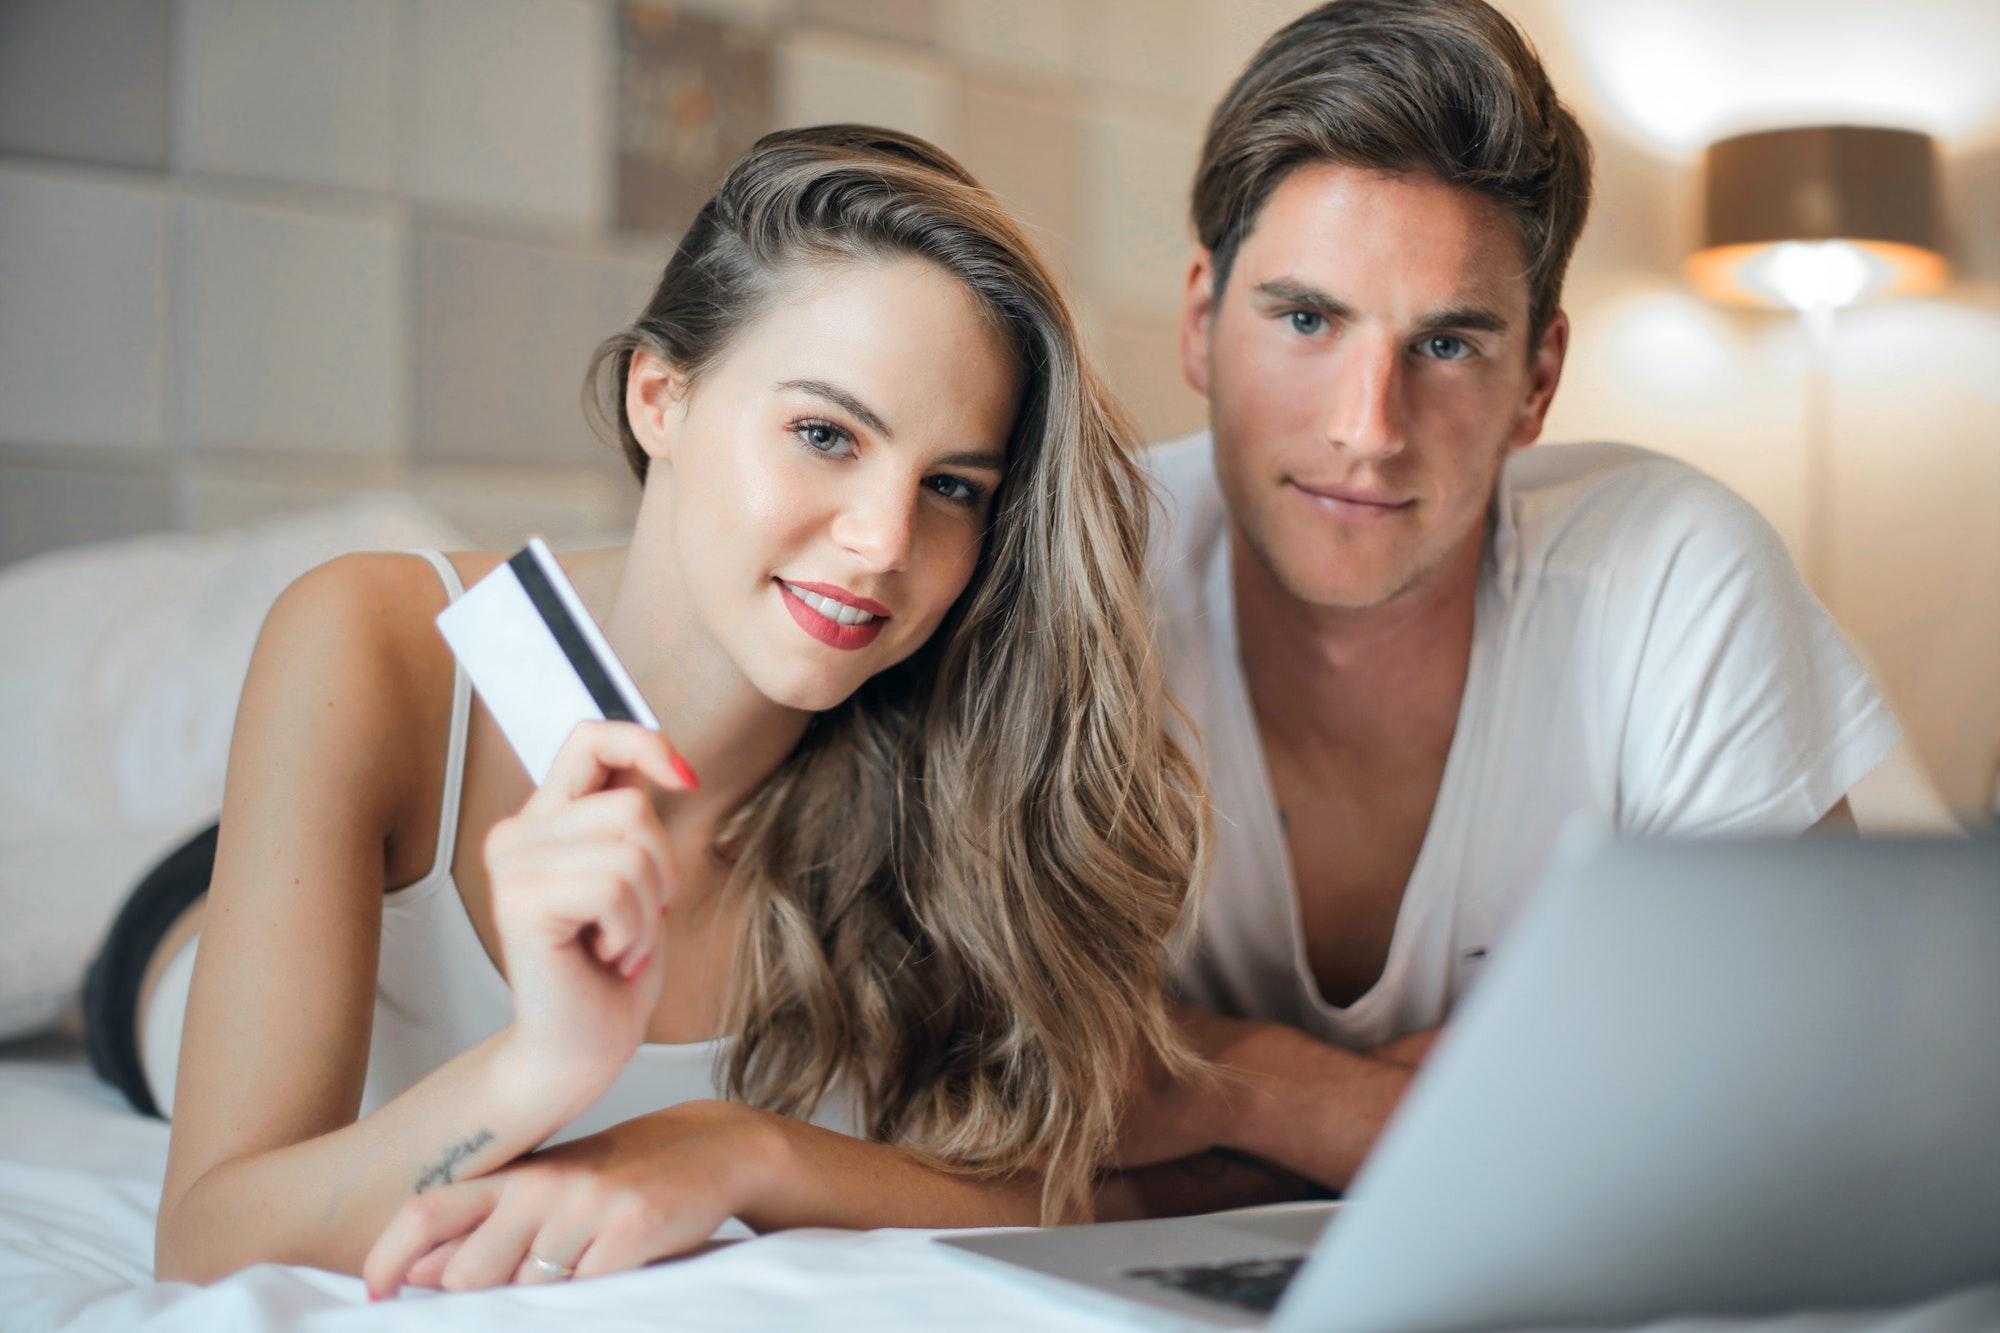 Fulfilment i obsługa sklepów internetowych przyszłością dla e-commerce